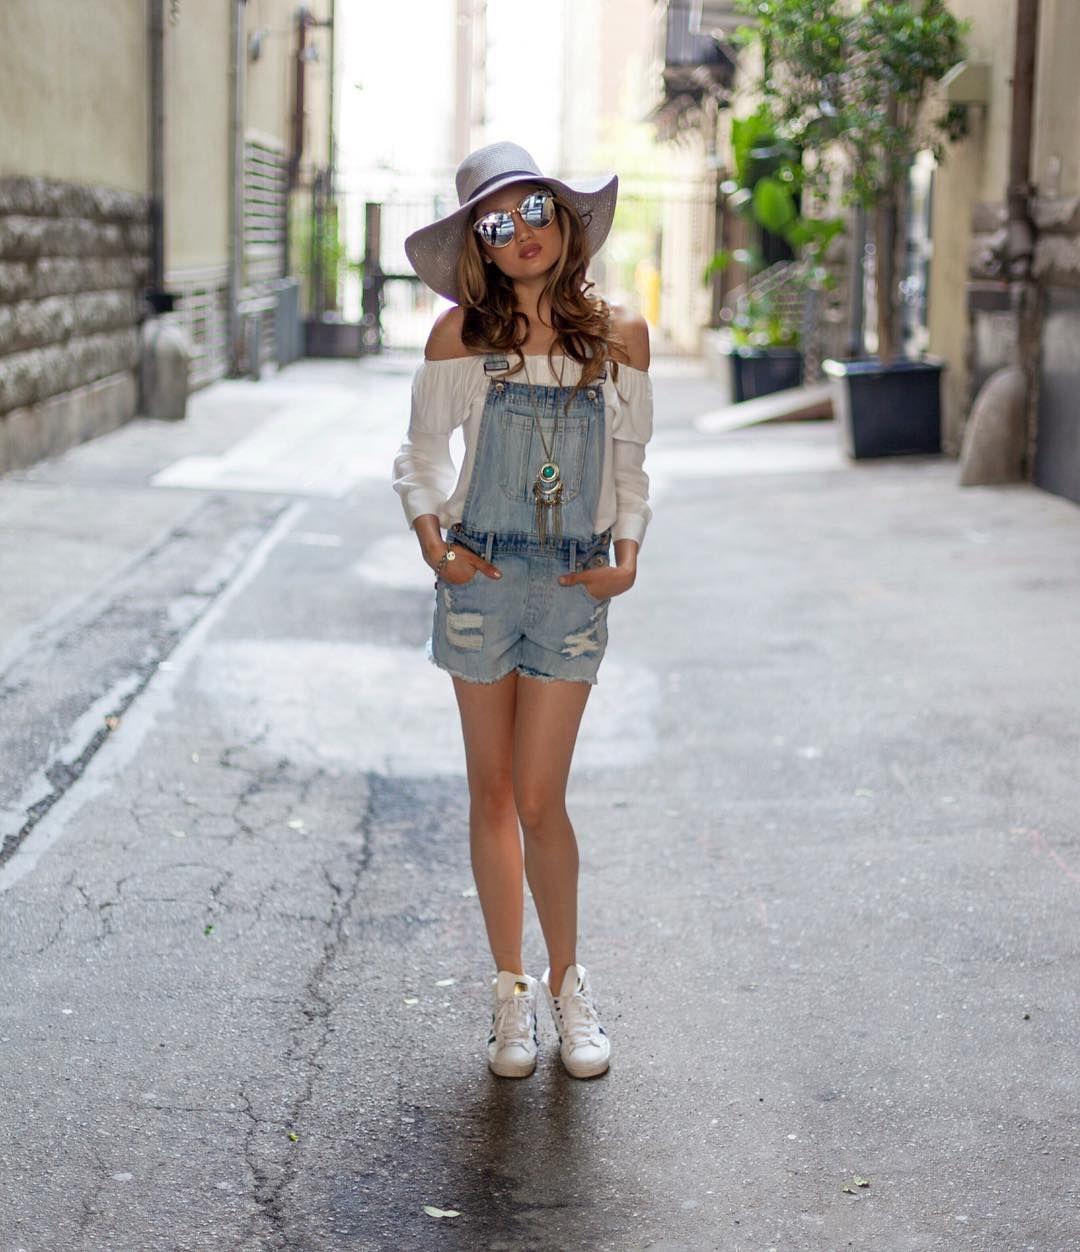 Biar Baju Putihmu Nggak Terlihat Boring, Intip Tipsnya Di Sini Yuk!